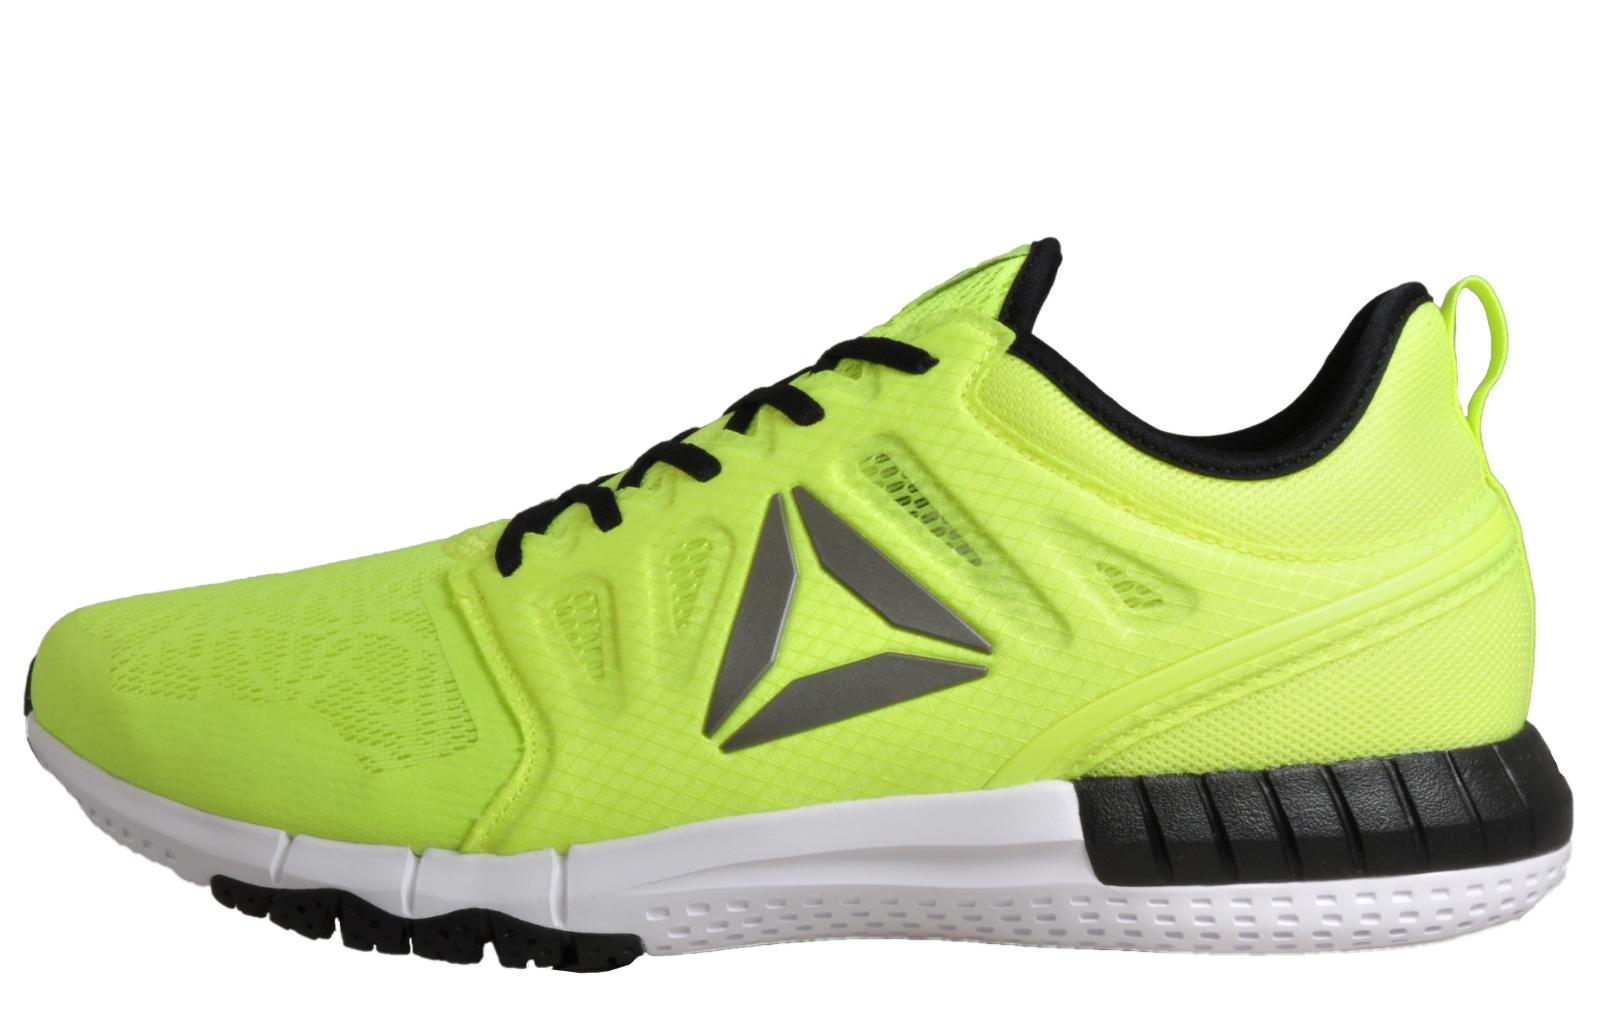 Découvrez notre offre Chaussures Reebok Zprint Homme Pas